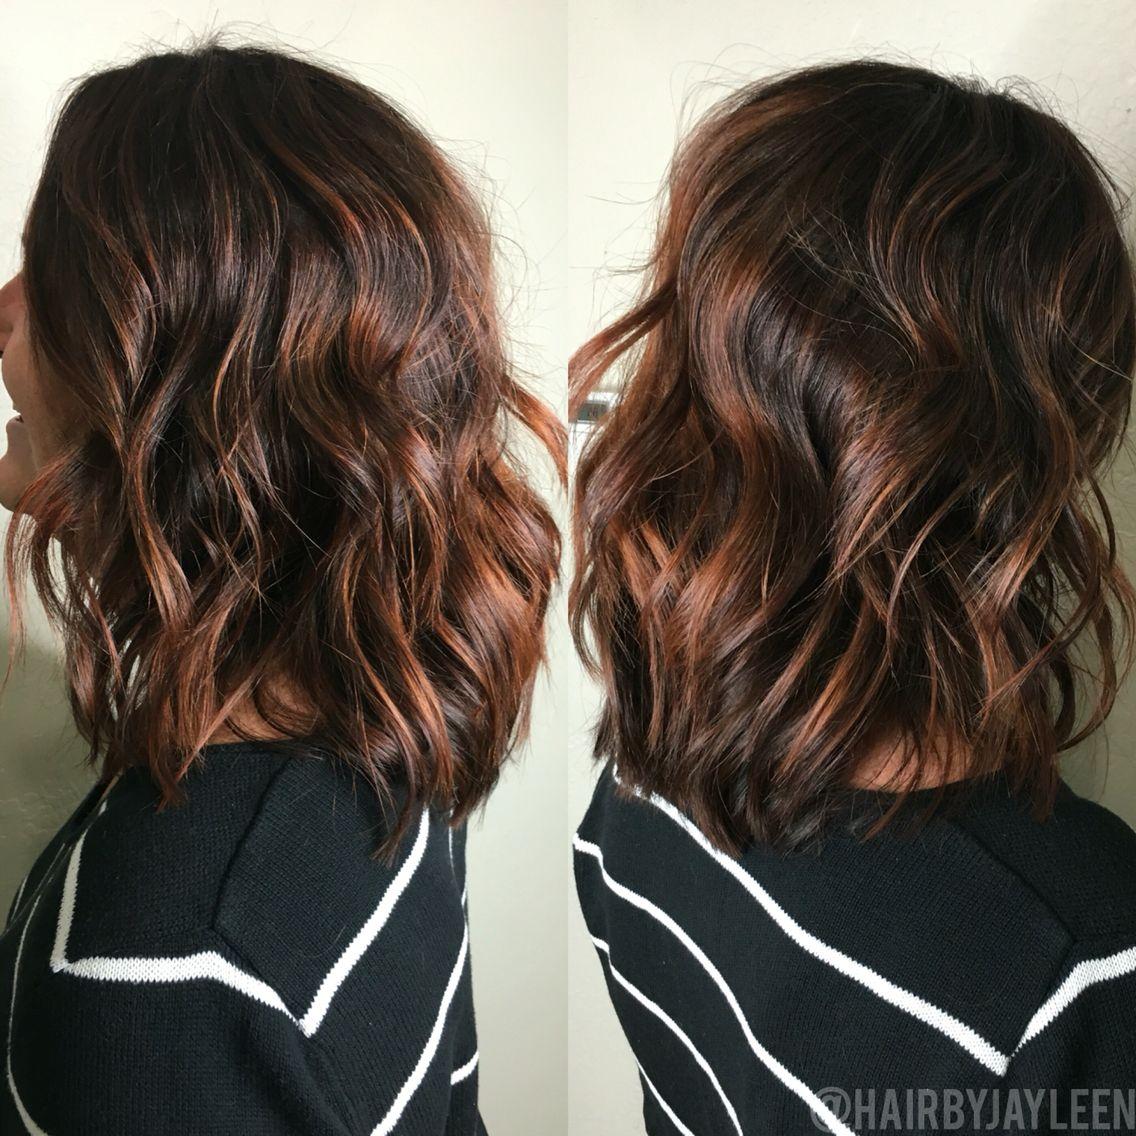 Balayage Brown Hair Balayage Dark Hair Brunette Hair Copper Balayage Lob Short Hairstyles Textured Balayage Hair Dark Brown Hair Balayage Copper Balayage